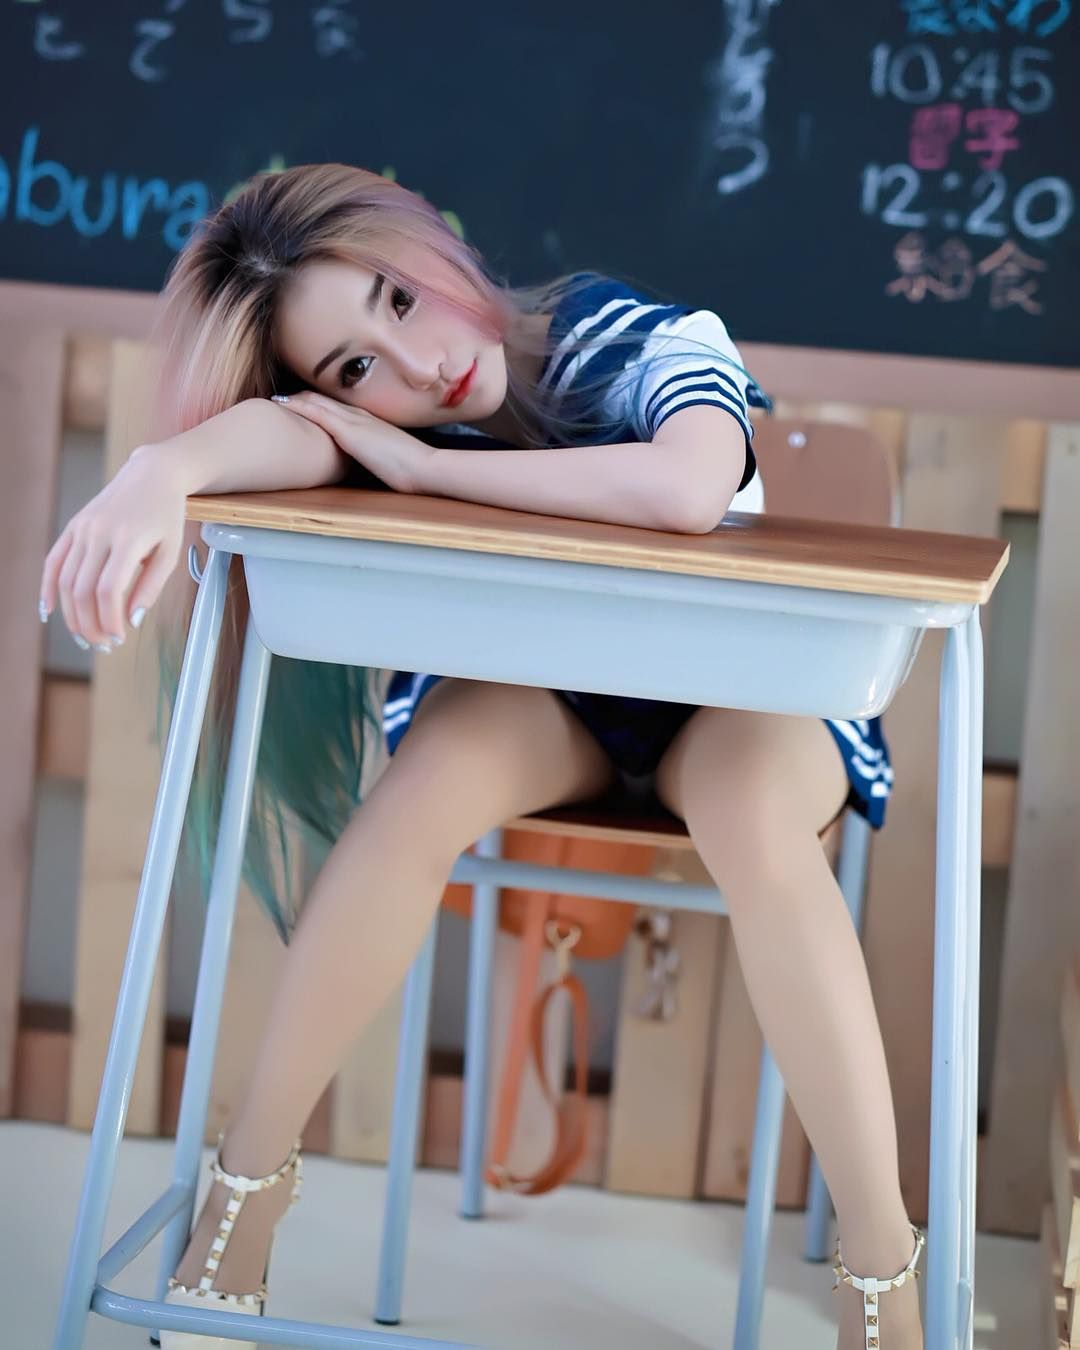 Skinny teens from tokyo